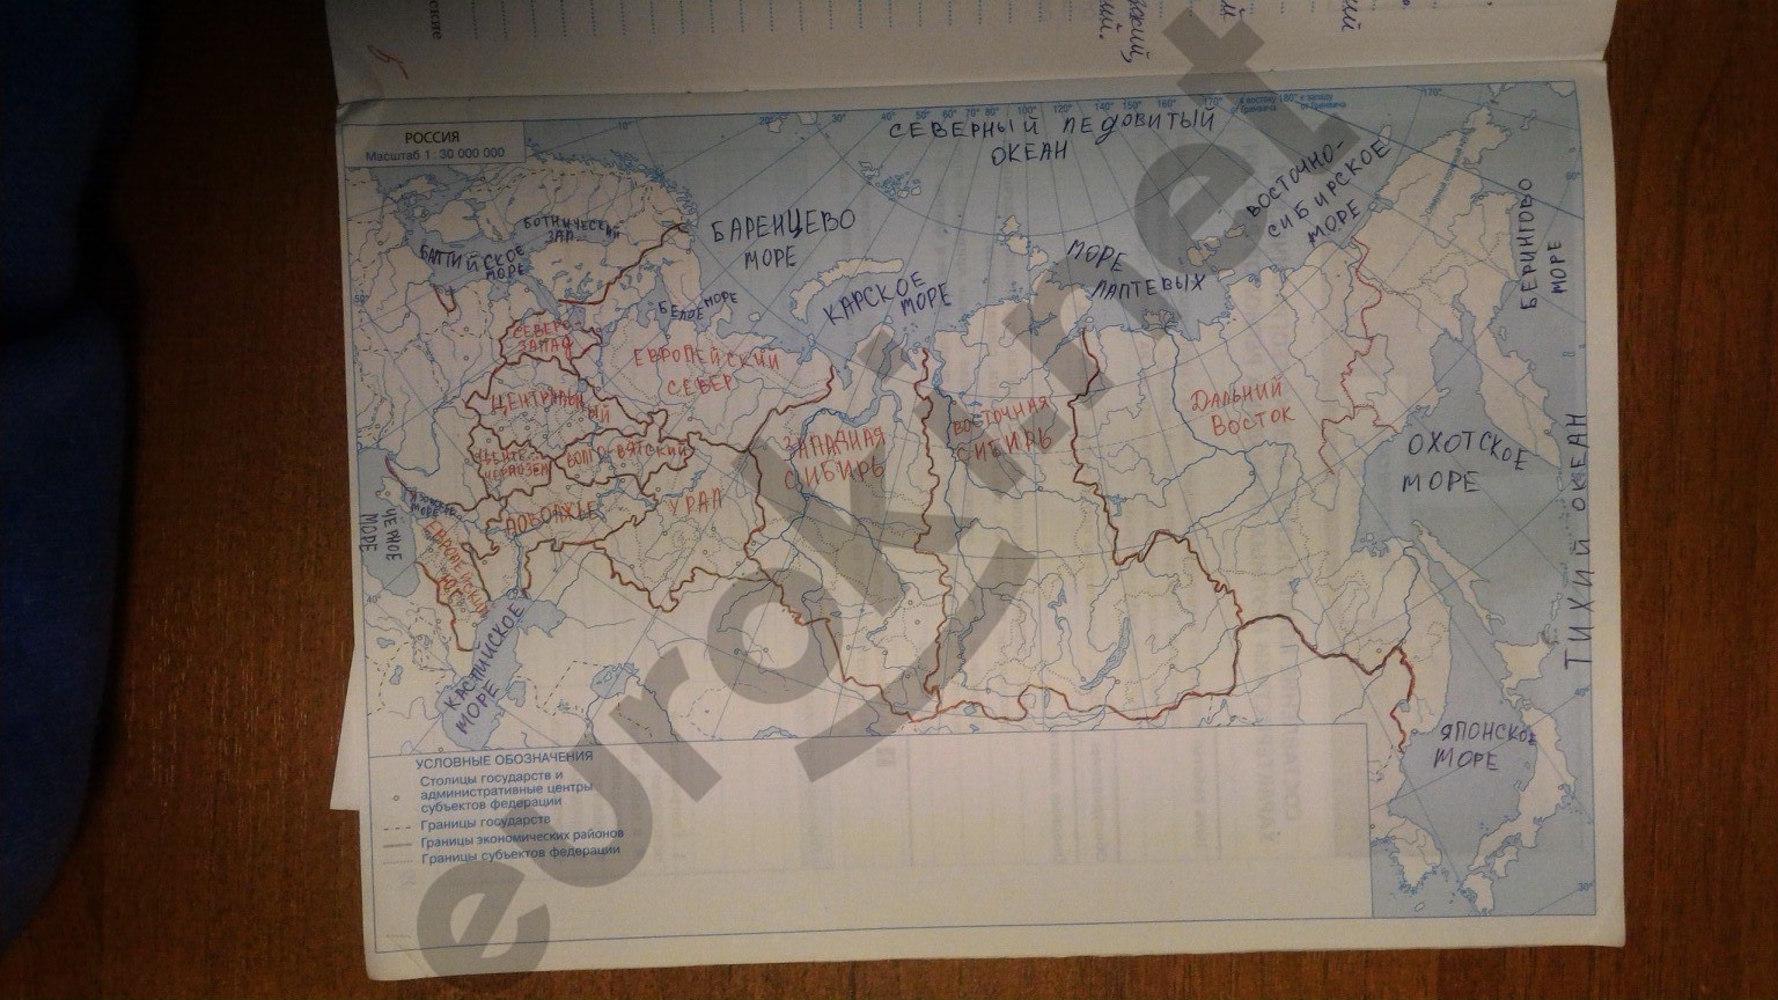 ГДЗ по географии 9 класс рабочая тетрадь Супрычев, Григоренко. Задание: стр. 9